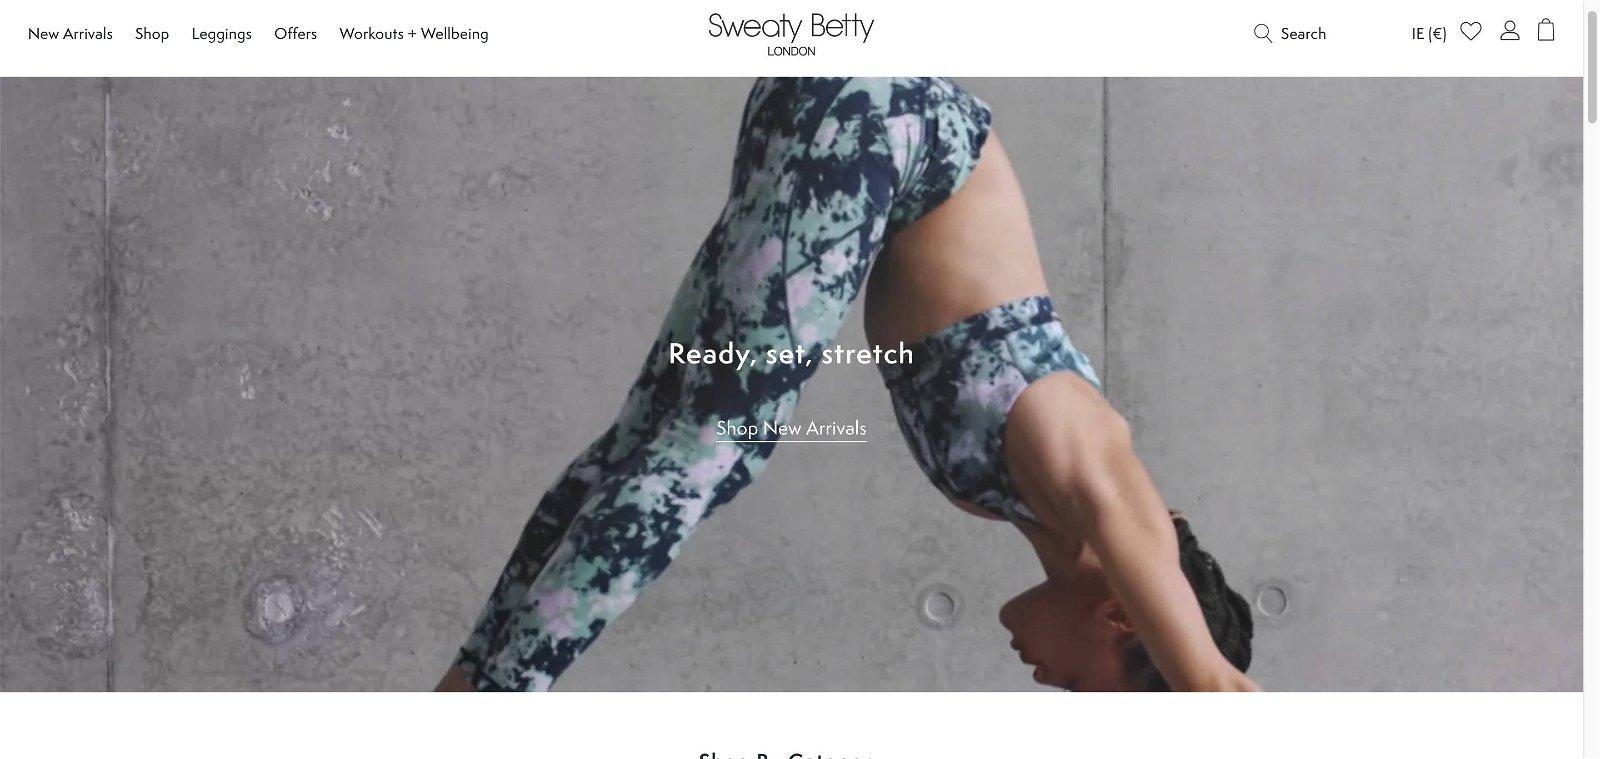 Sweaty betty.com 1